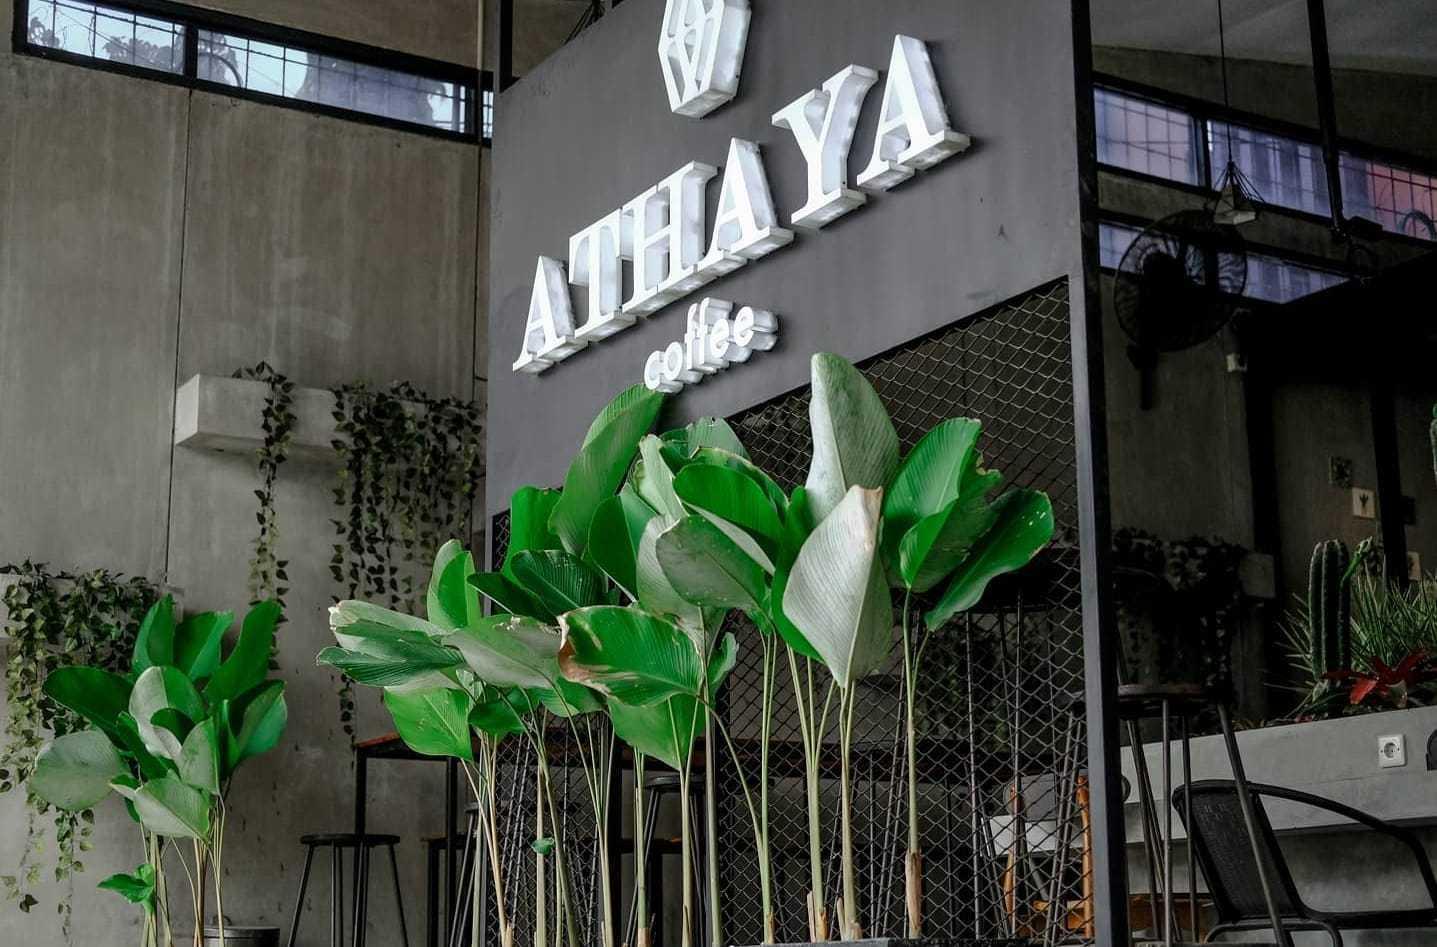 Fau Architects Athaya Coffee Pedurungan, Kota Semarang, Jawa Tengah, Indonesia Pedurungan, Kota Semarang, Jawa Tengah, Indonesia Fau-Architects-Athaya-Coffee  109044